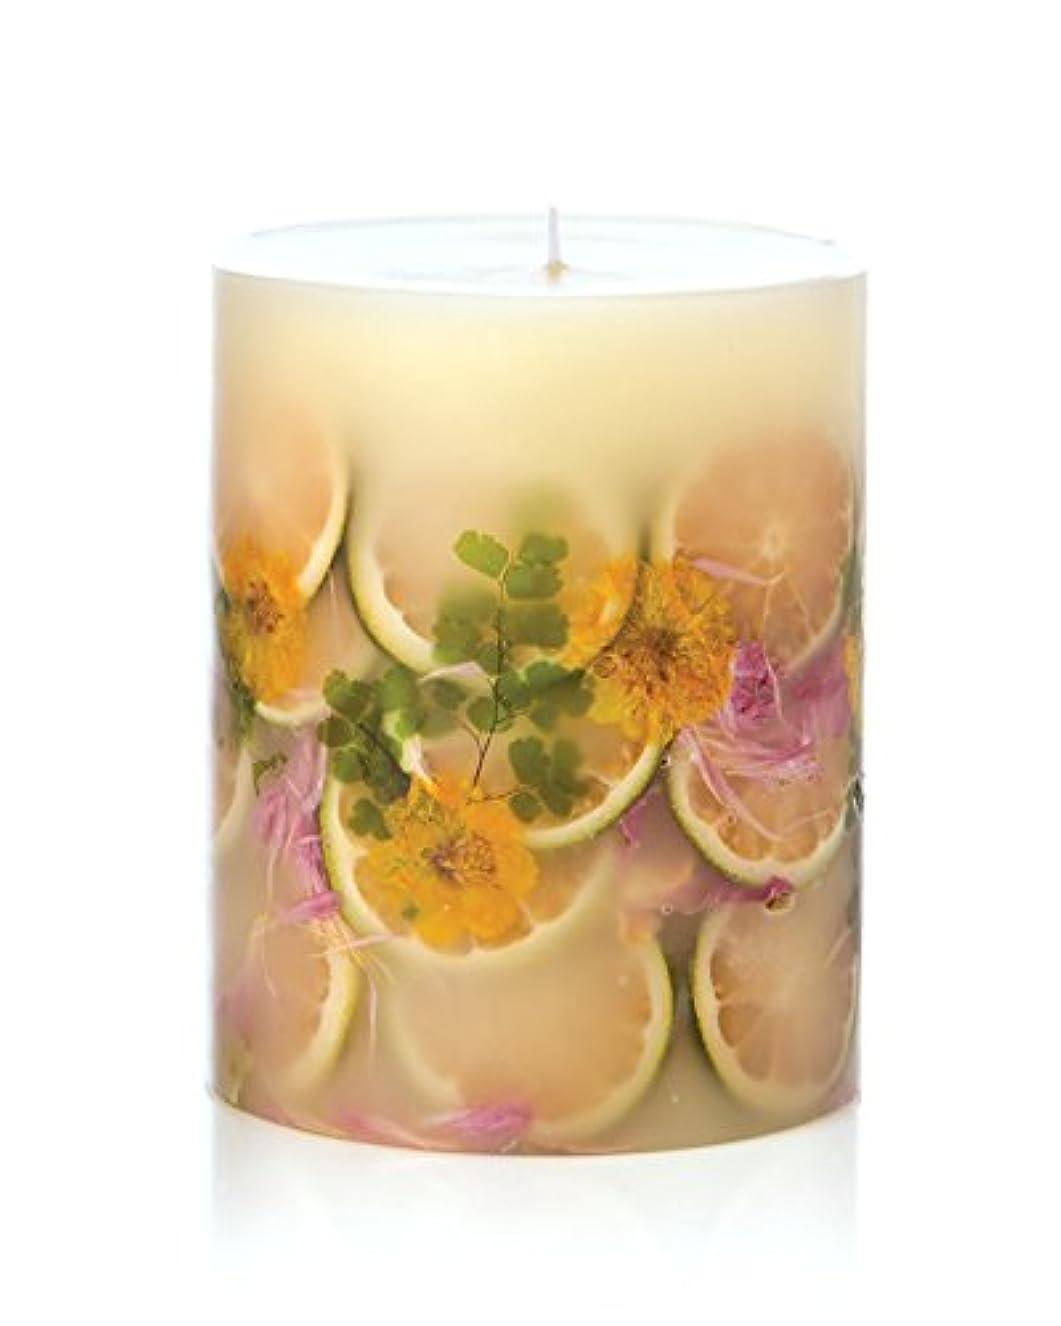 アルコールグレード辞任ロージーリングス ボタニカルキャンドル ラウンド レモンブロッサム&ライチ ROSY RINGS Round Botanical Candle Round – Lemon Blossom & Lychee